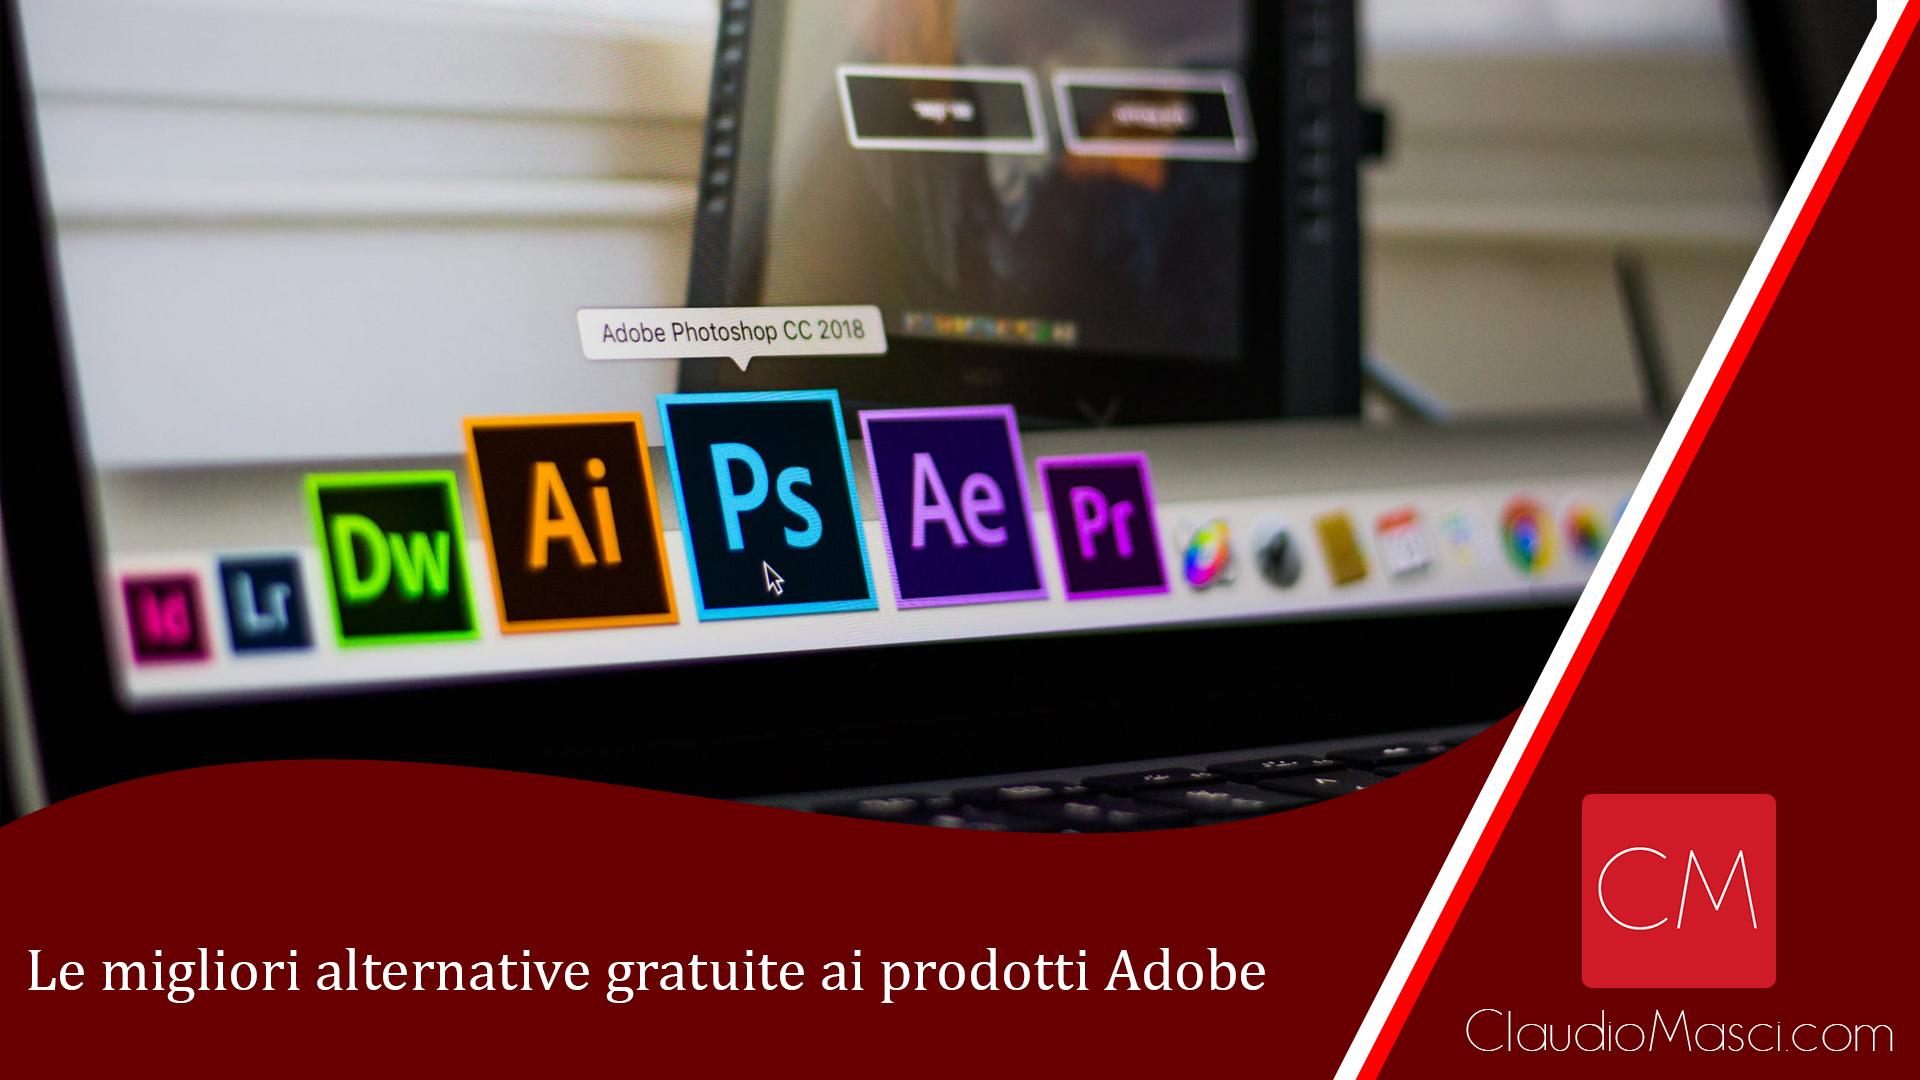 Le migliori alternative gratuite ai prodotti Adobe